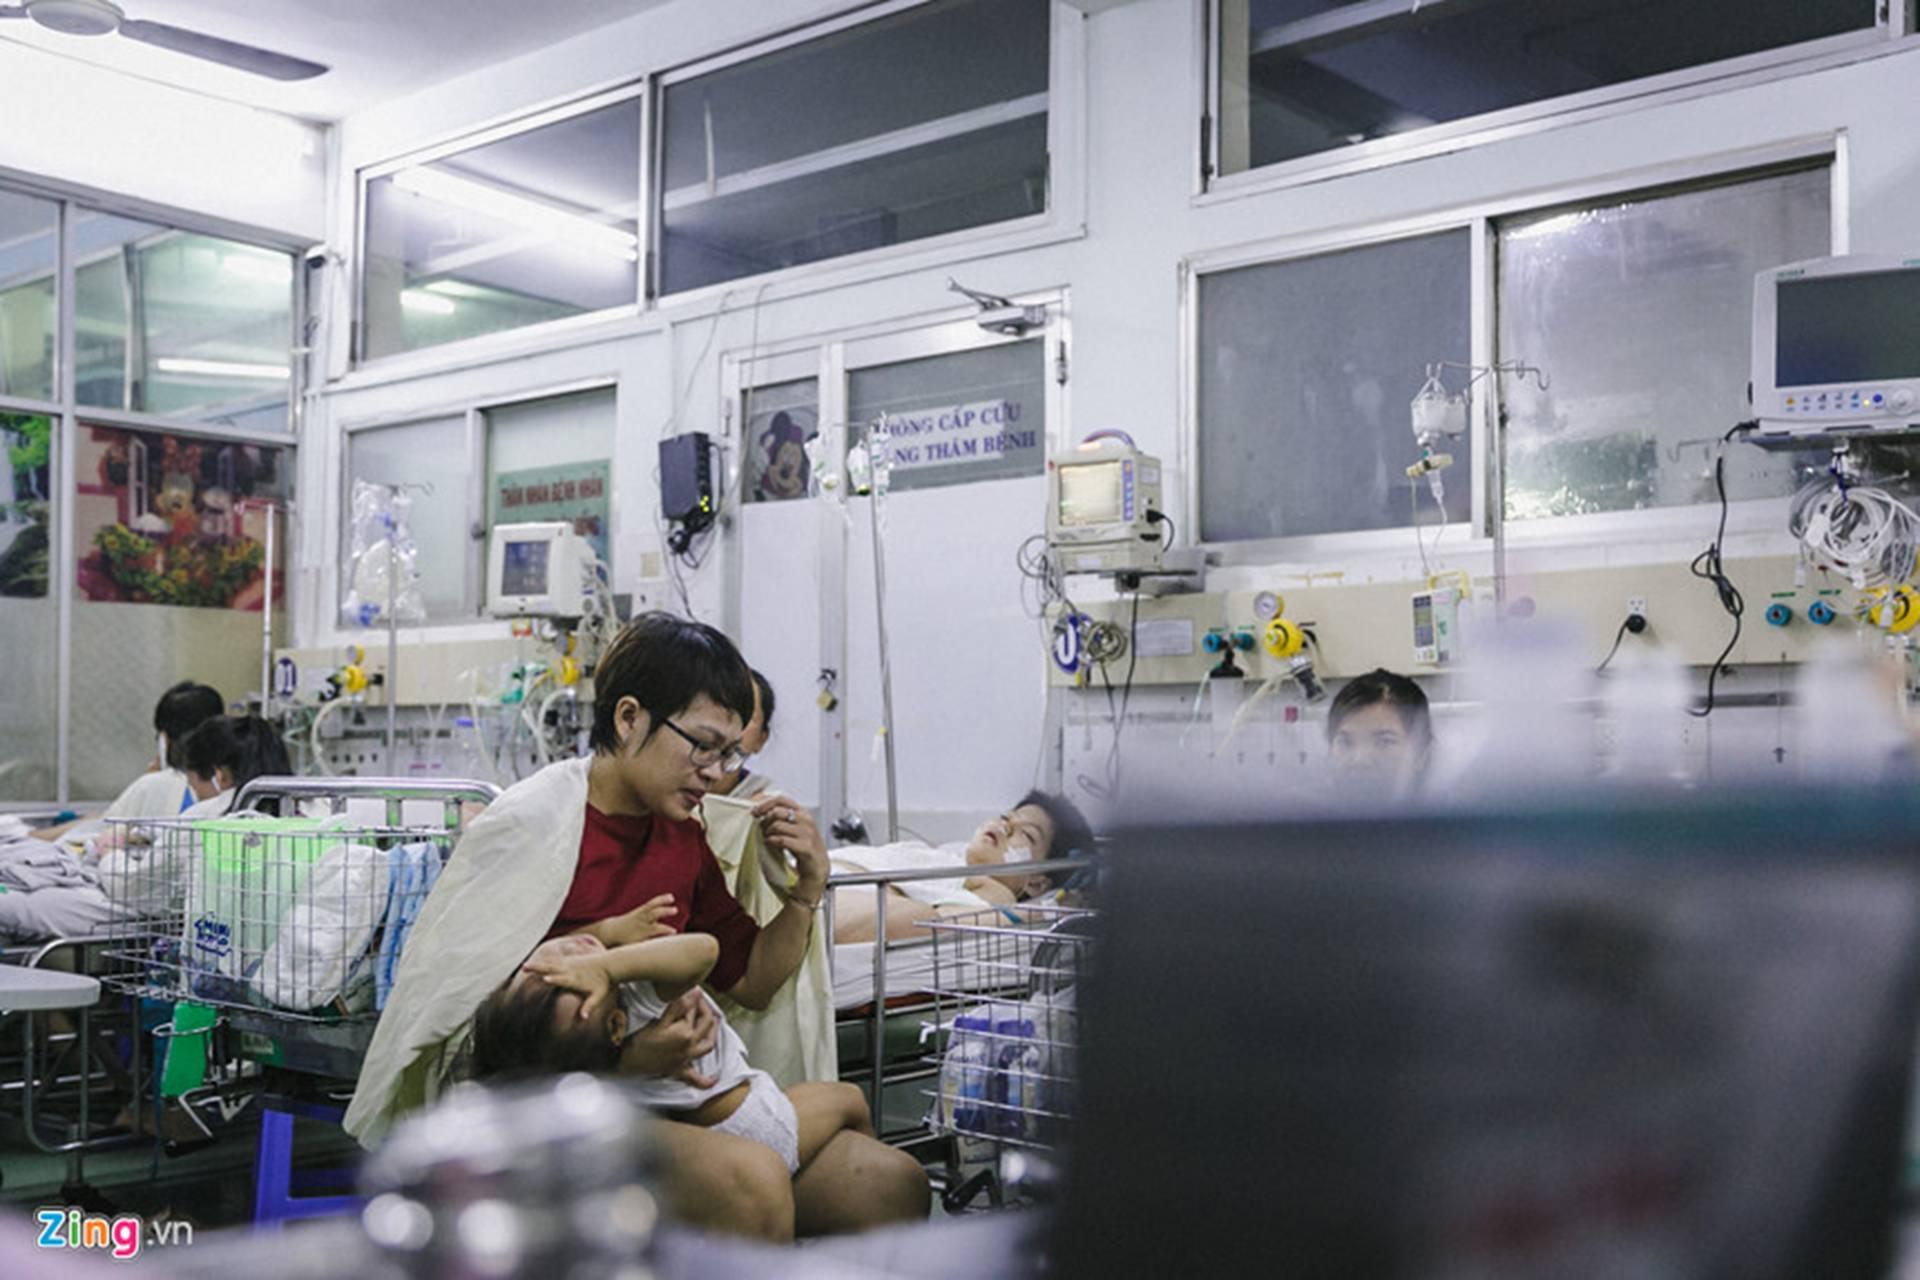 Bệnh viện Nhi ở Sài Gòn vỡ trận vì dịch chồng dịch-3